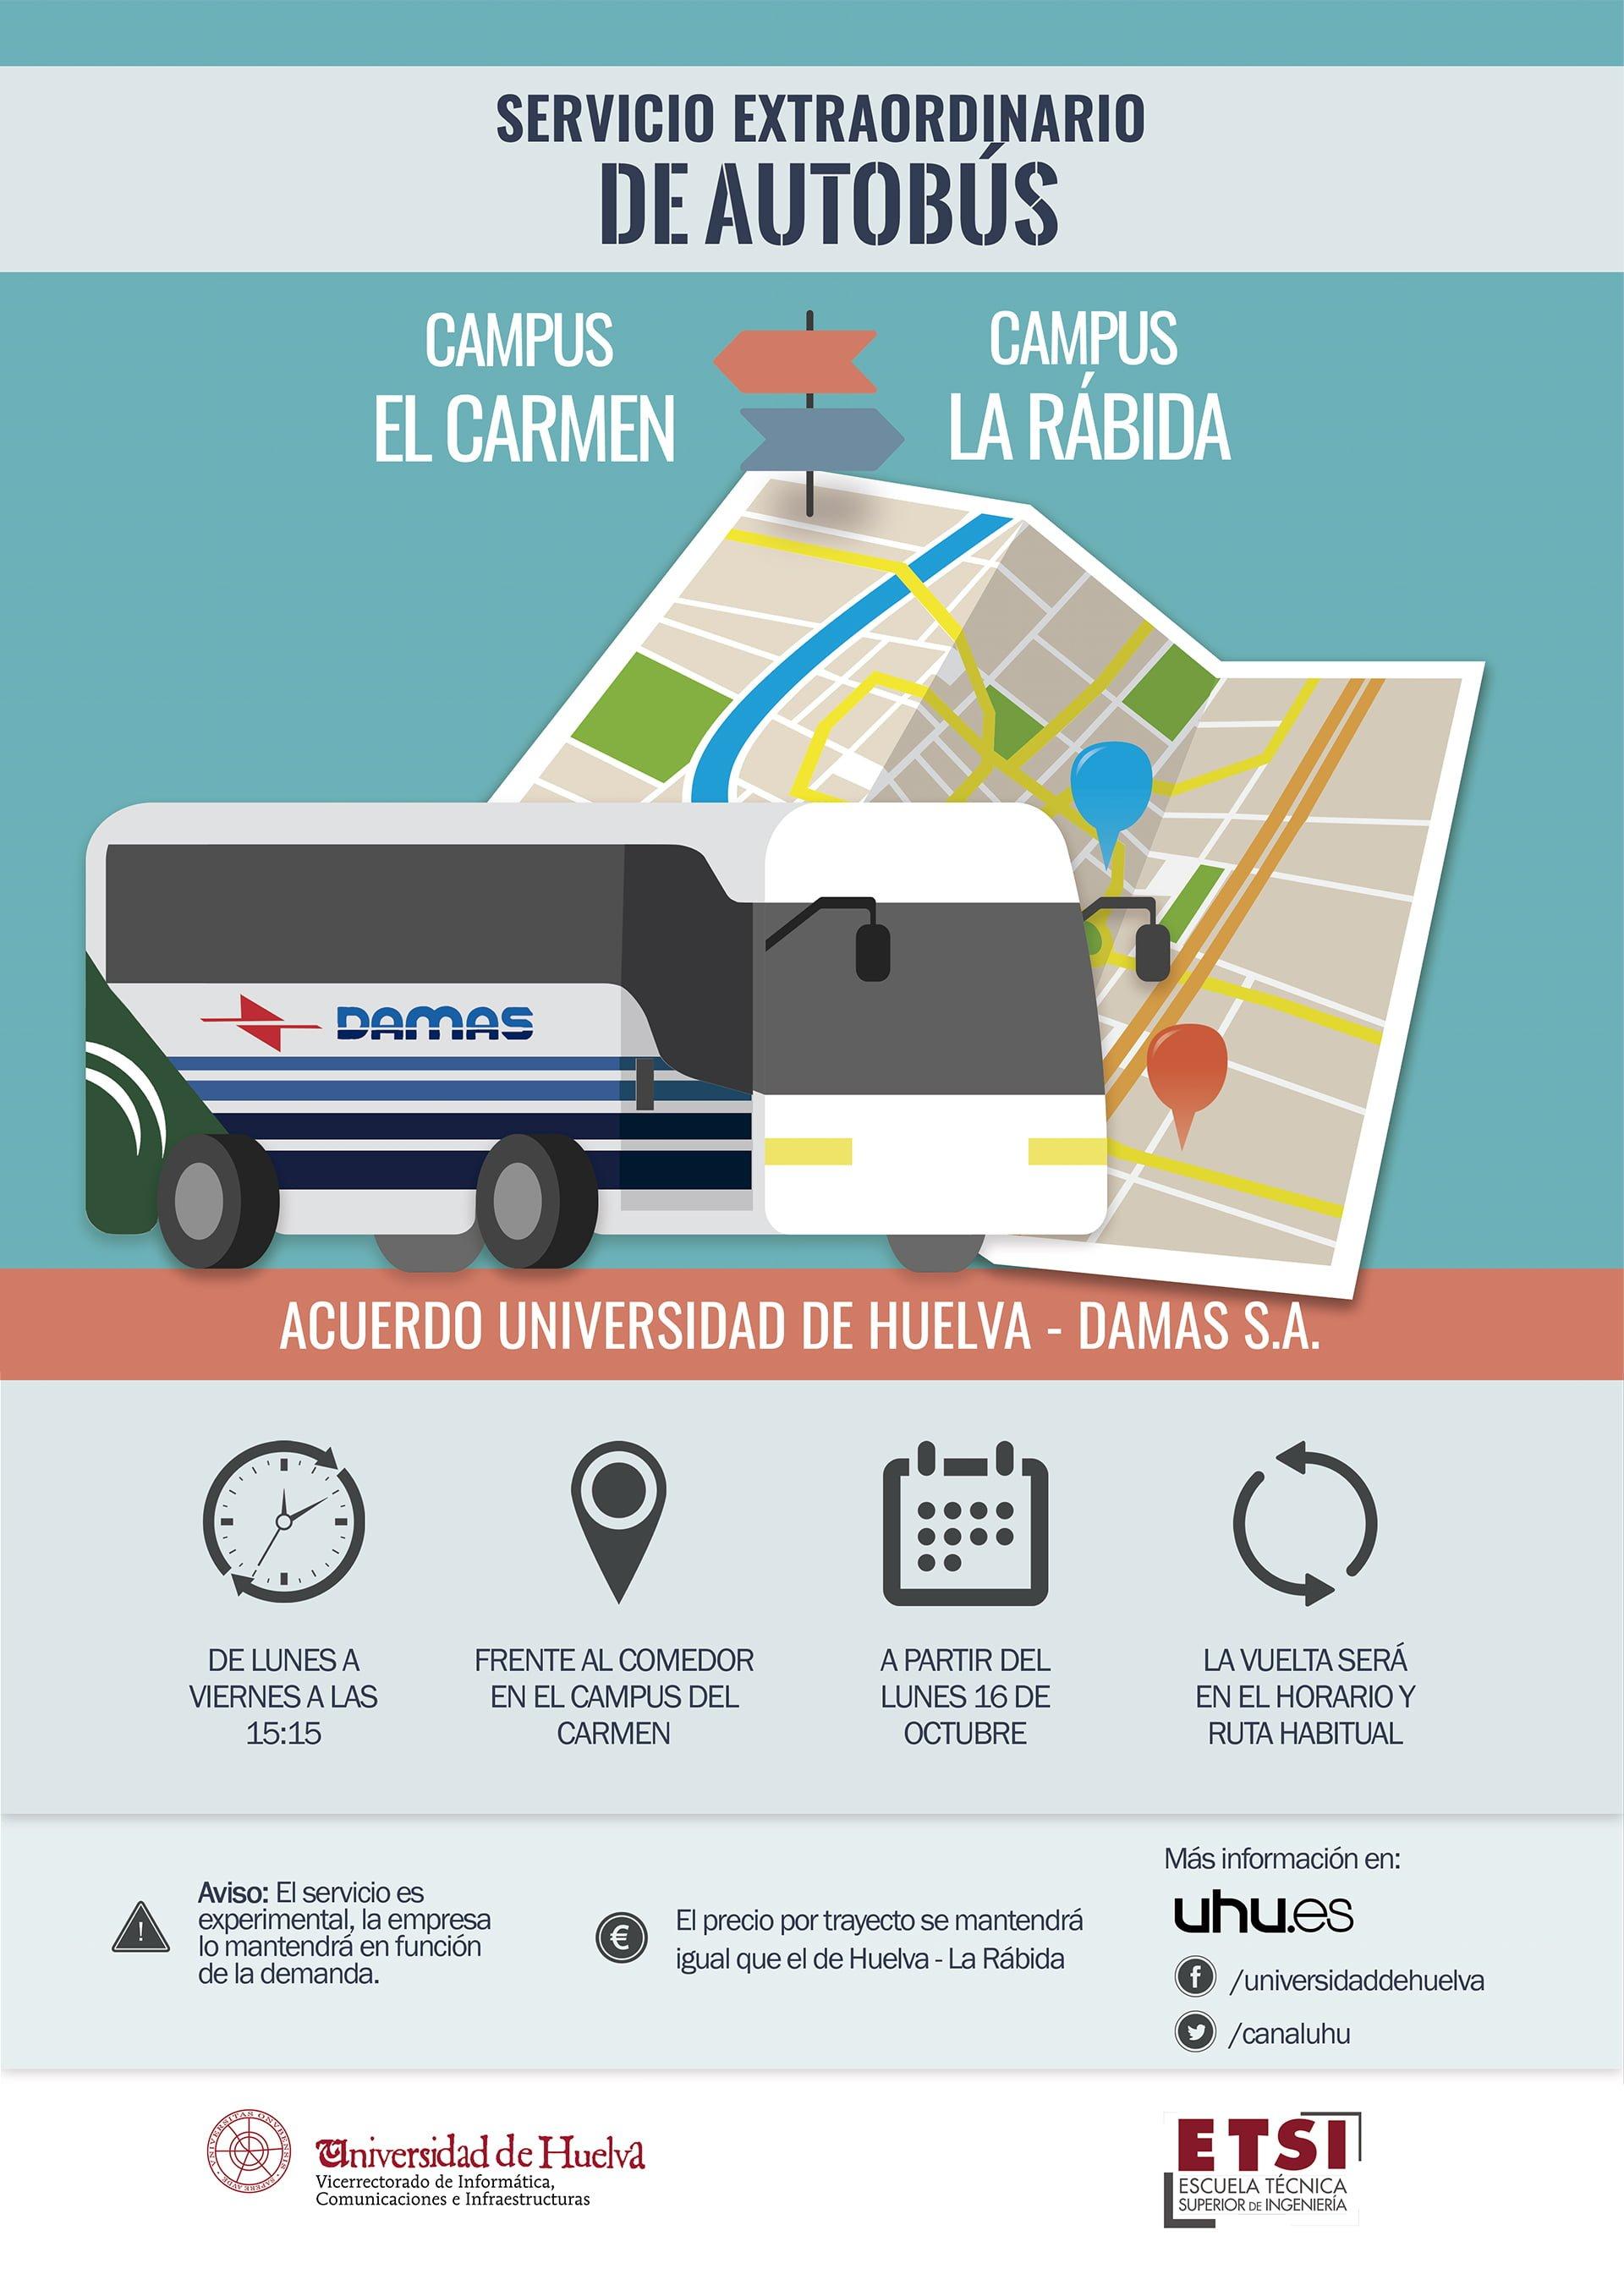 Cartel anunciador del nuevo servicio de autobuses